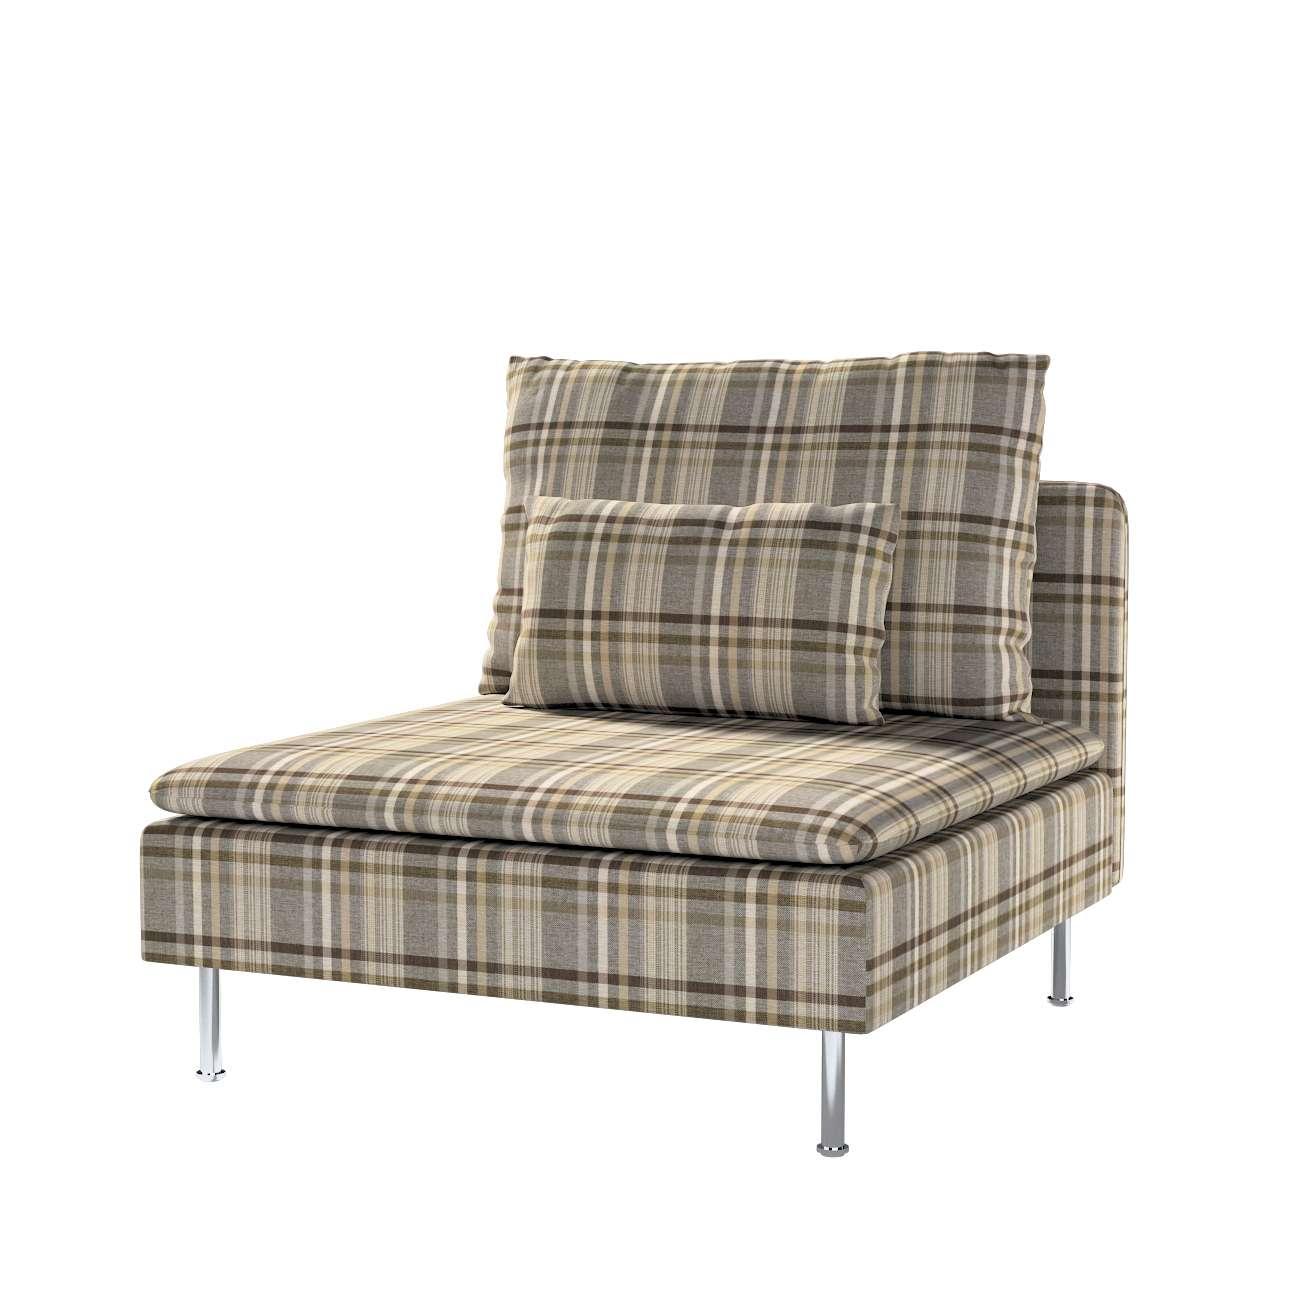 Bezug für Söderhamn Sitzelement 1 von der Kollektion Edinburgh, Stoff: 703-17